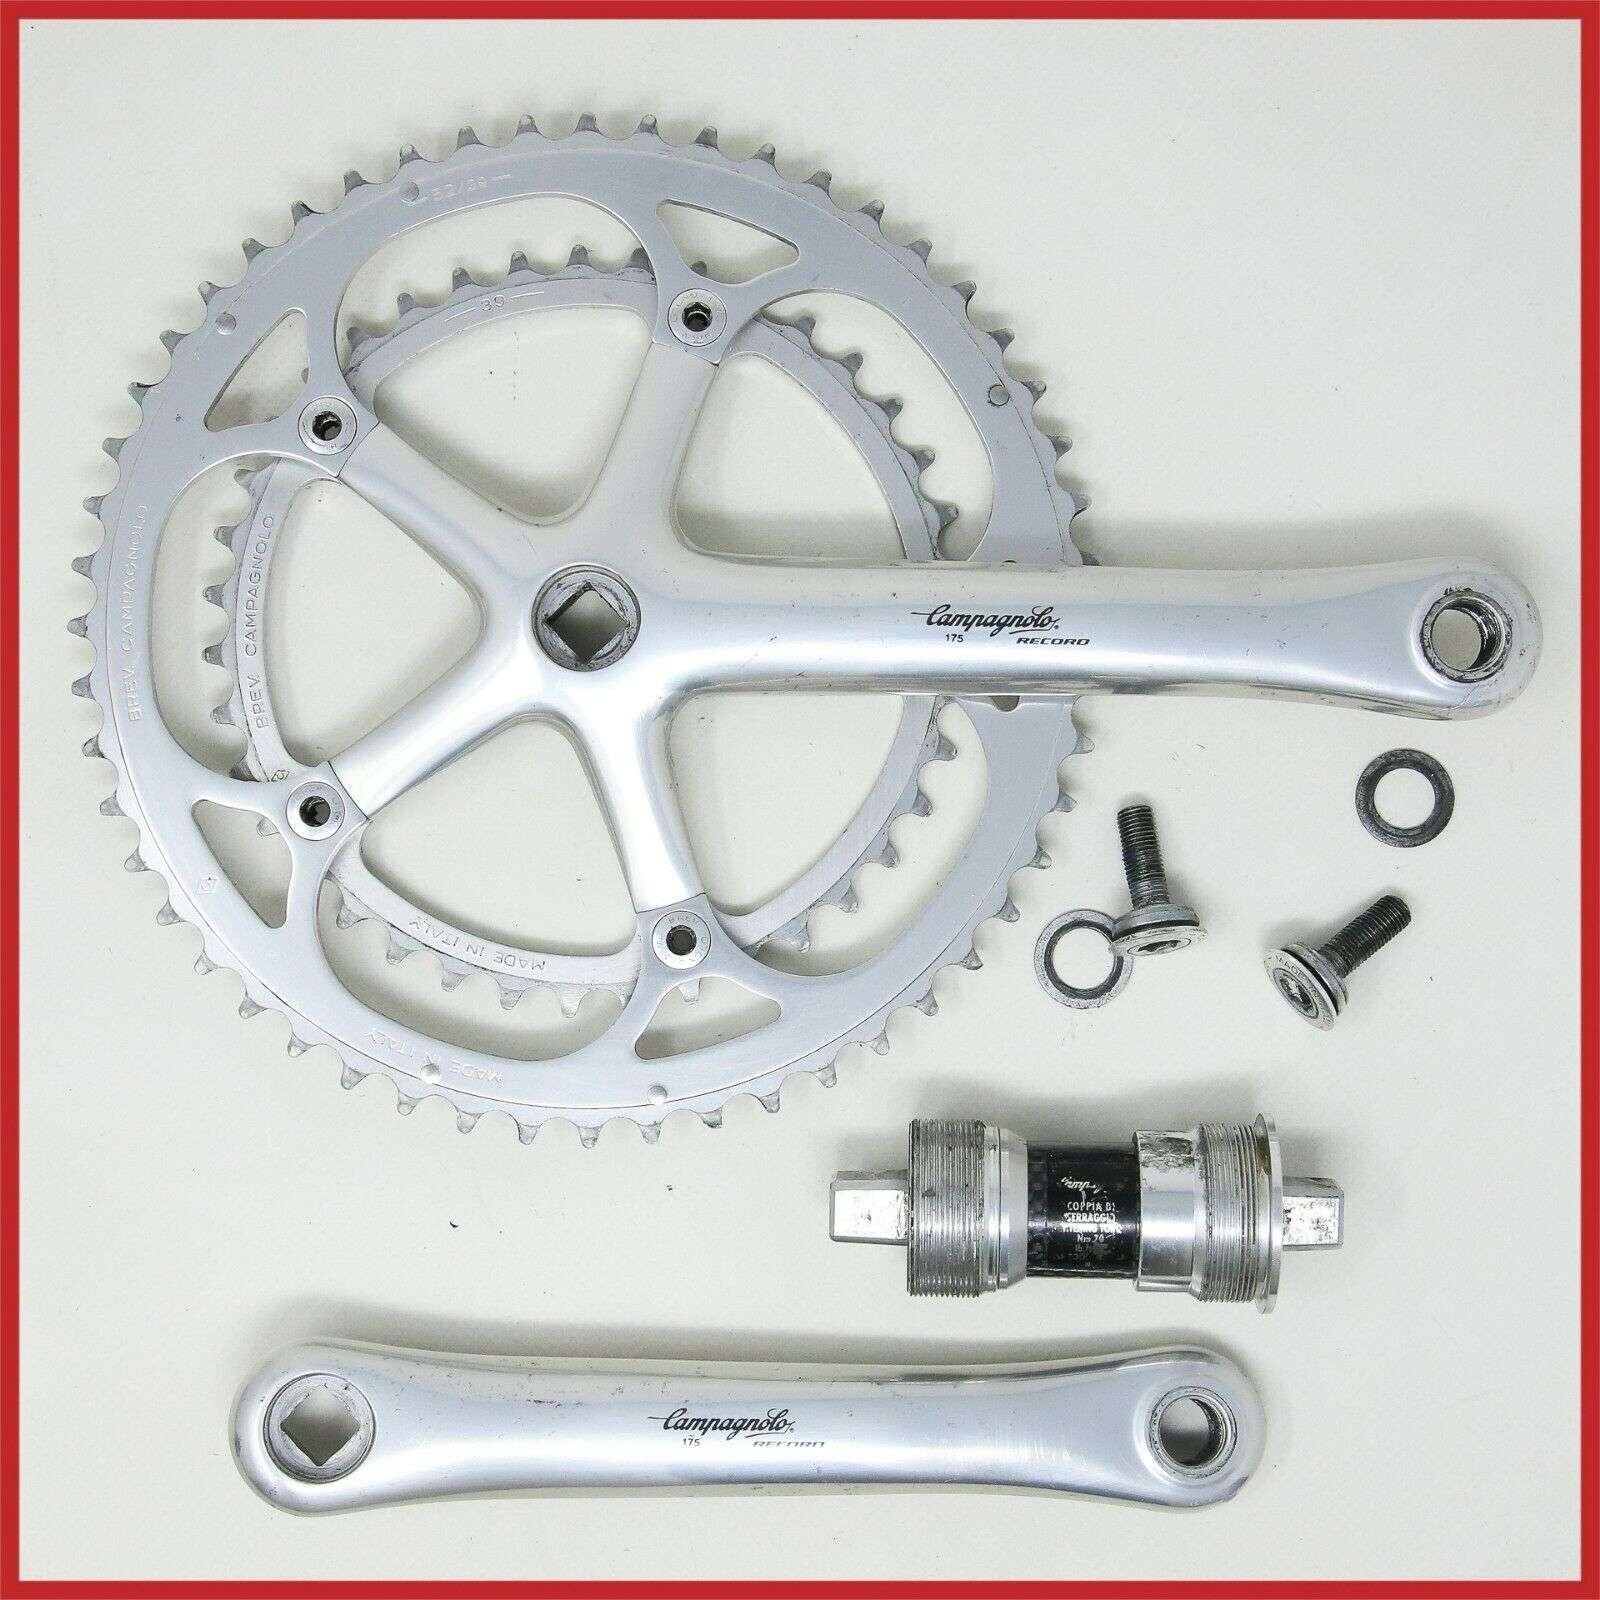 CAMPAGNOLO RECORD CRANKSET 175mm 5339T 9s SPEED SQUARE TAPER strada bicicletta bicicletta